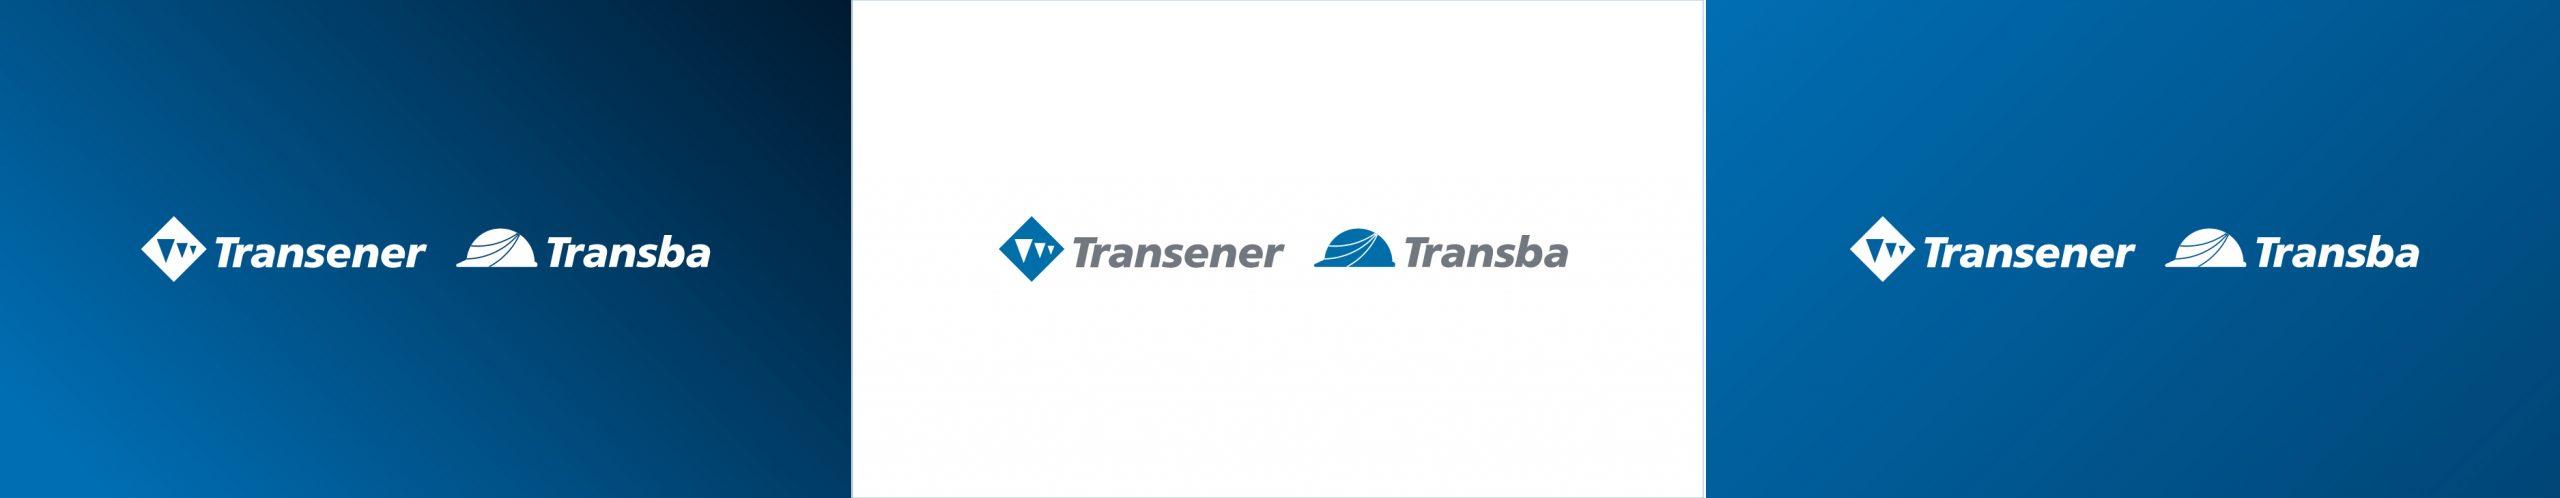 Branding Transener